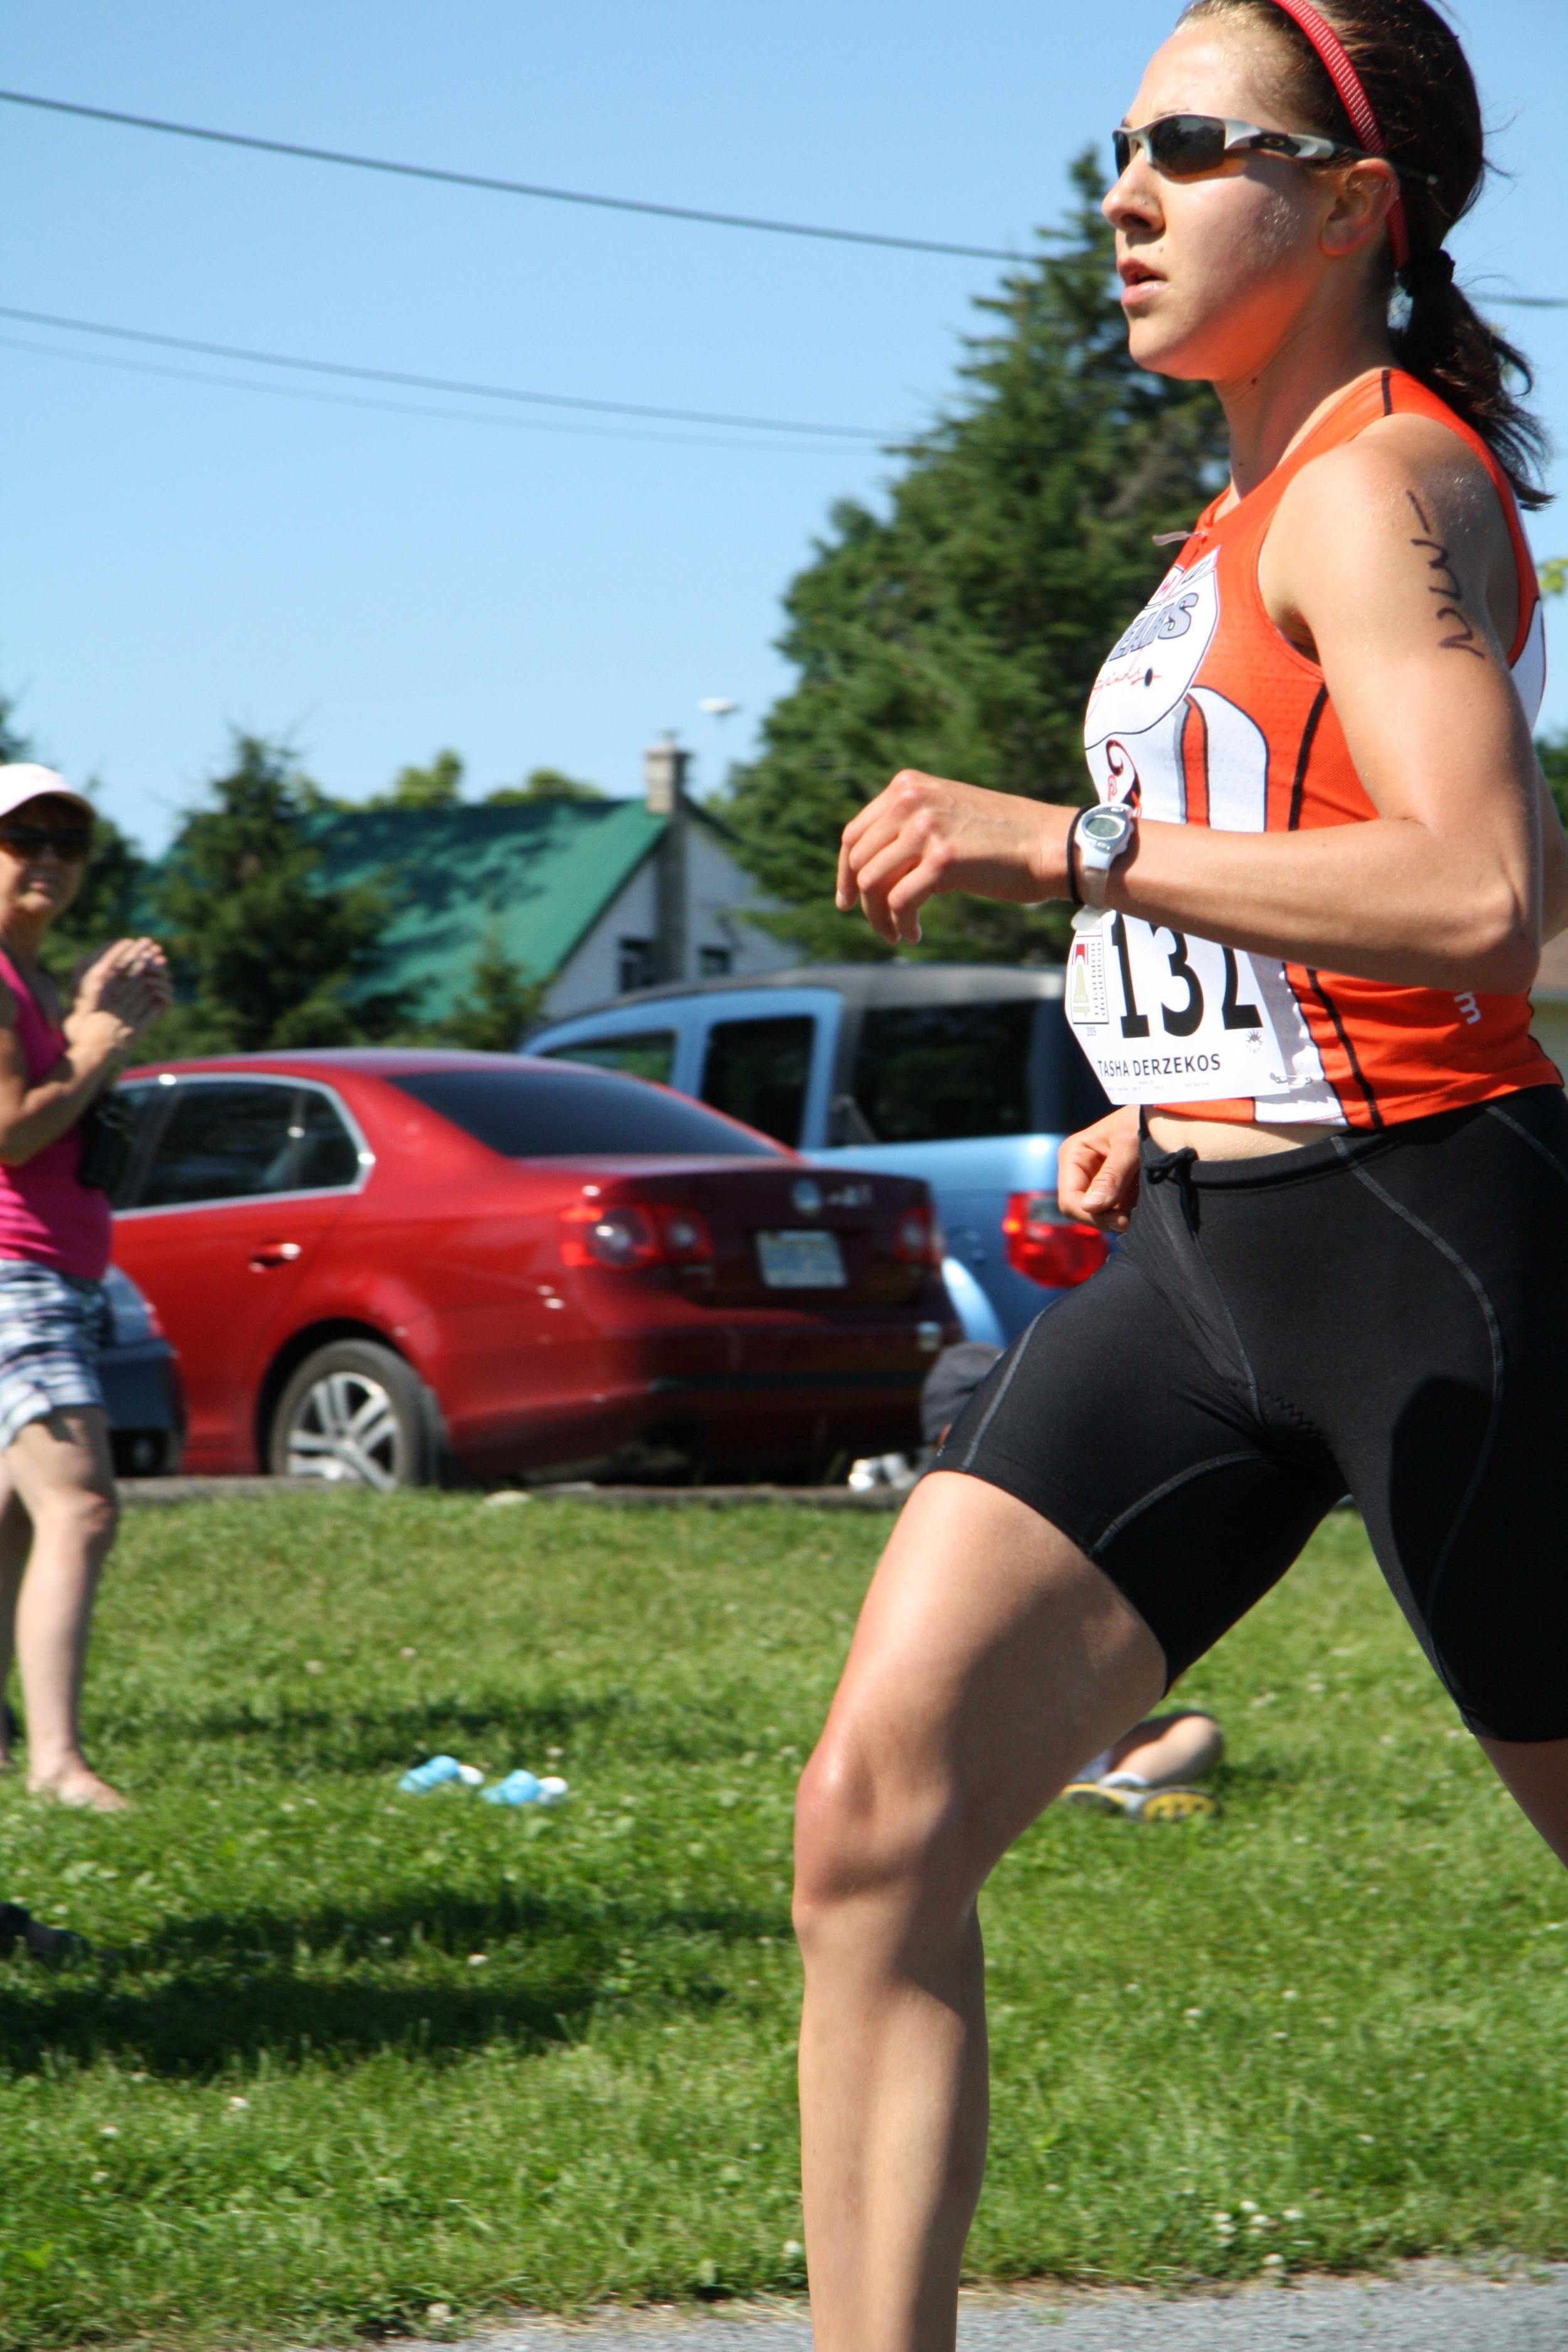 Tasha Racing Sydenham Triathlon